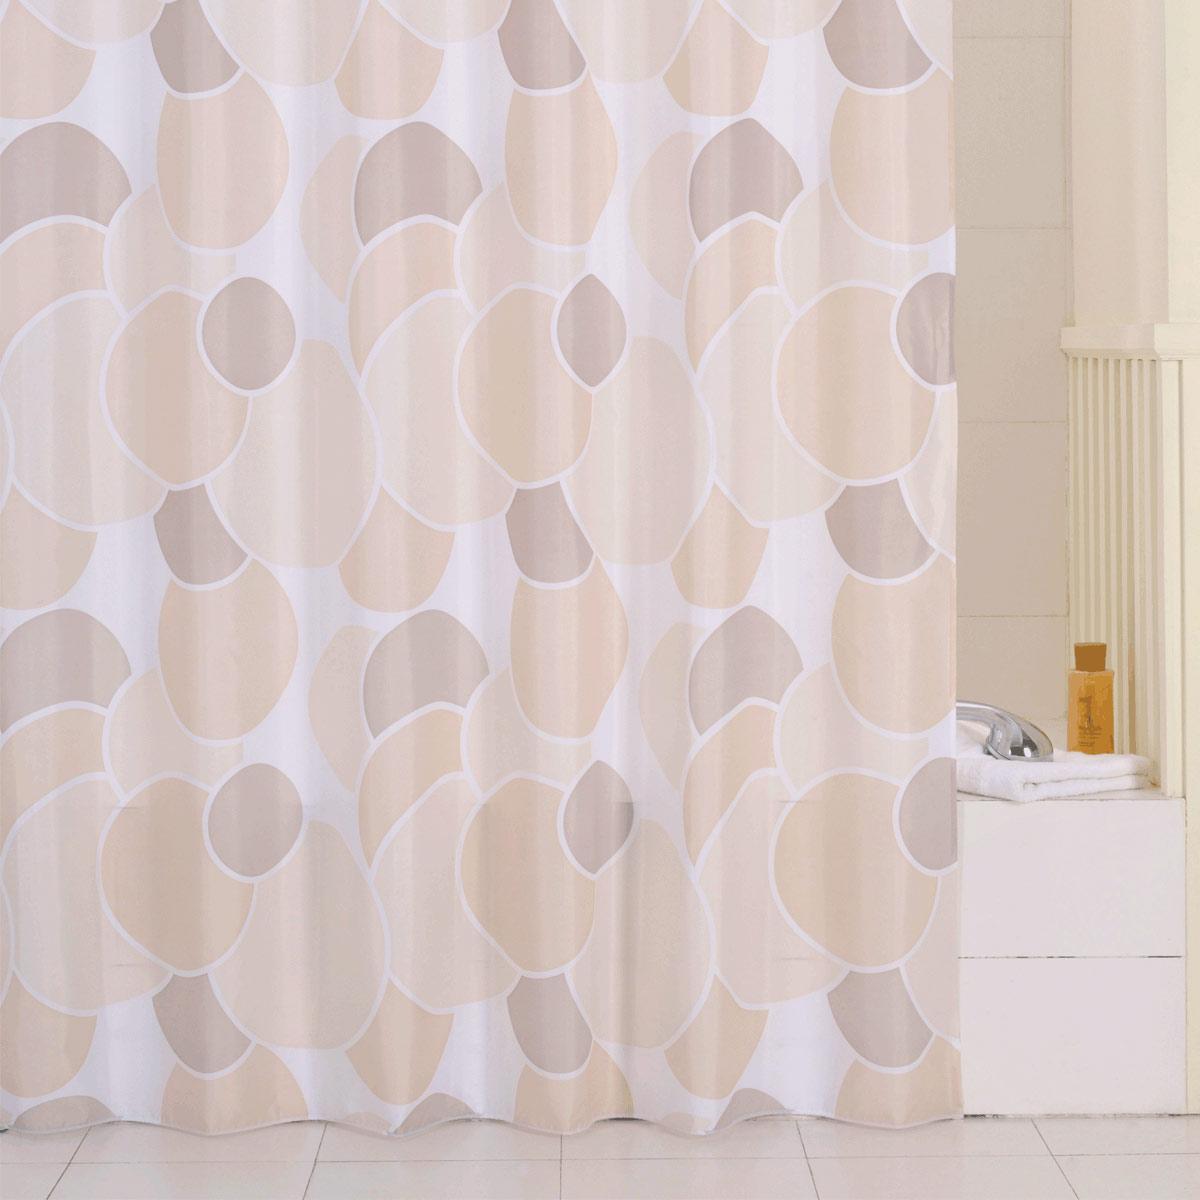 Штора для ванной Iddis Cream Balls, цвет: бежевый, 200 x 240 см230P24RI11материал: текстиль, 100% полиэстер, водоотталкивающая пропитка, кольца в комплекте c системой Click, упаковка ПВХ пакет, плотность 110 г/м, 12 металл. люверсов,